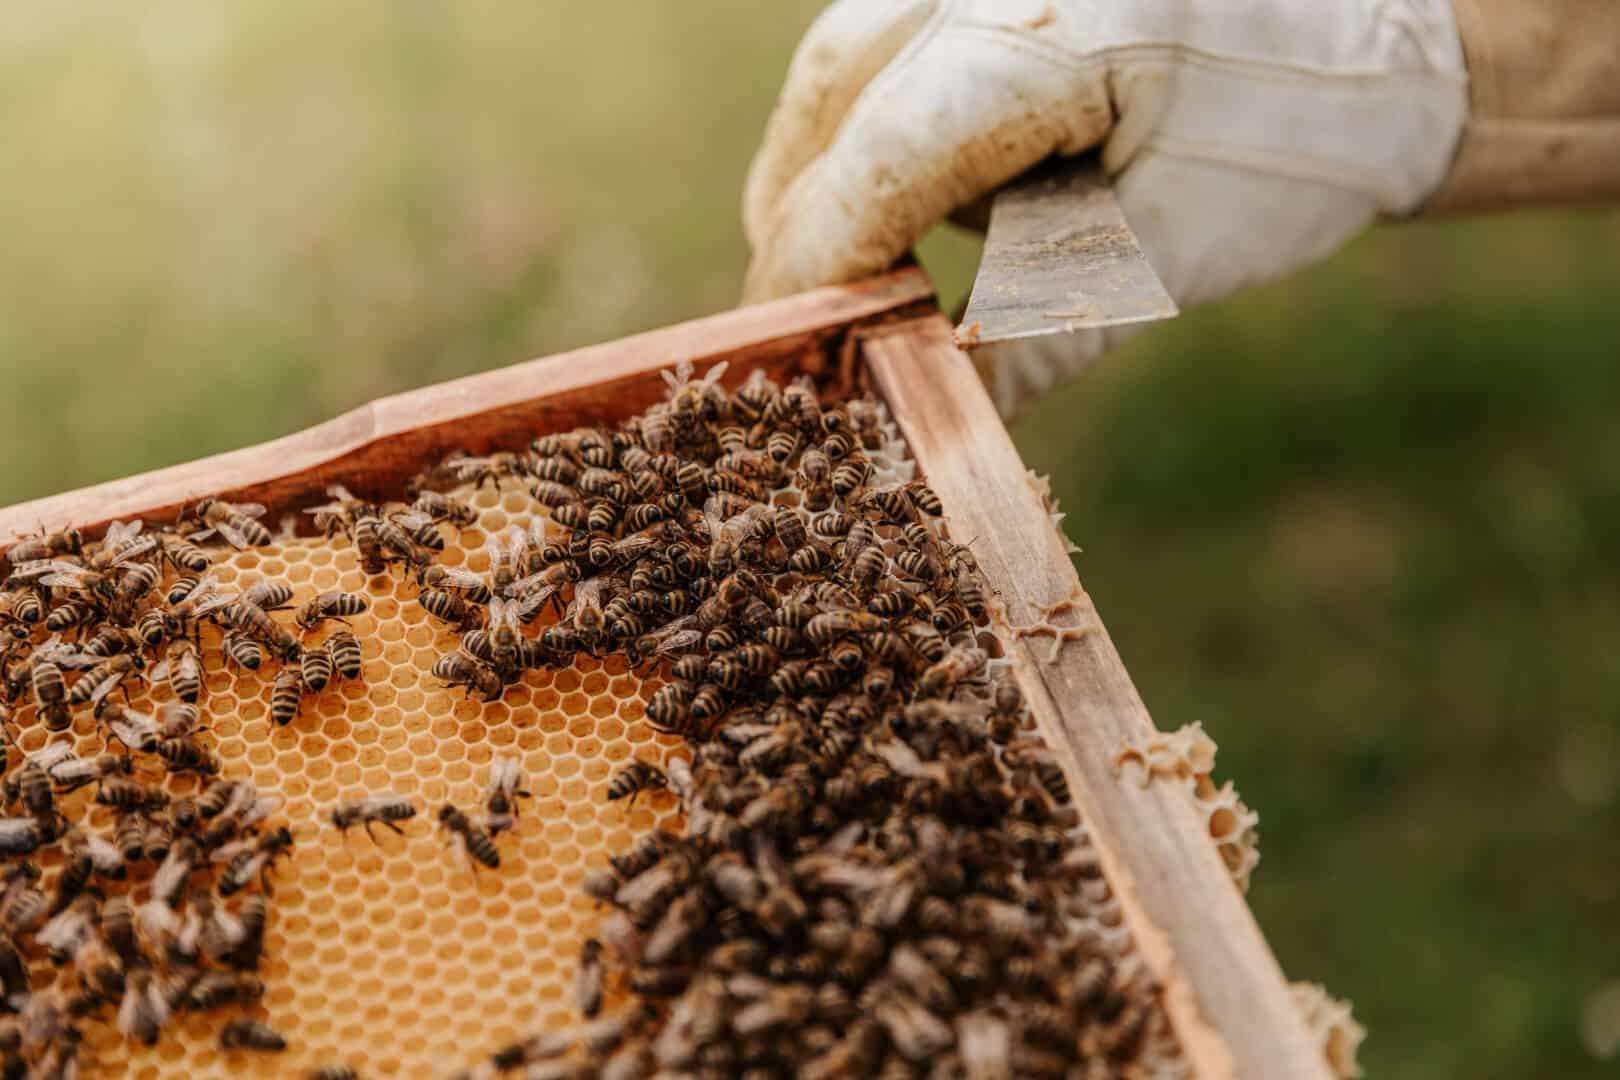 Criação de abelhas: Dicas de como montar o seu apiário